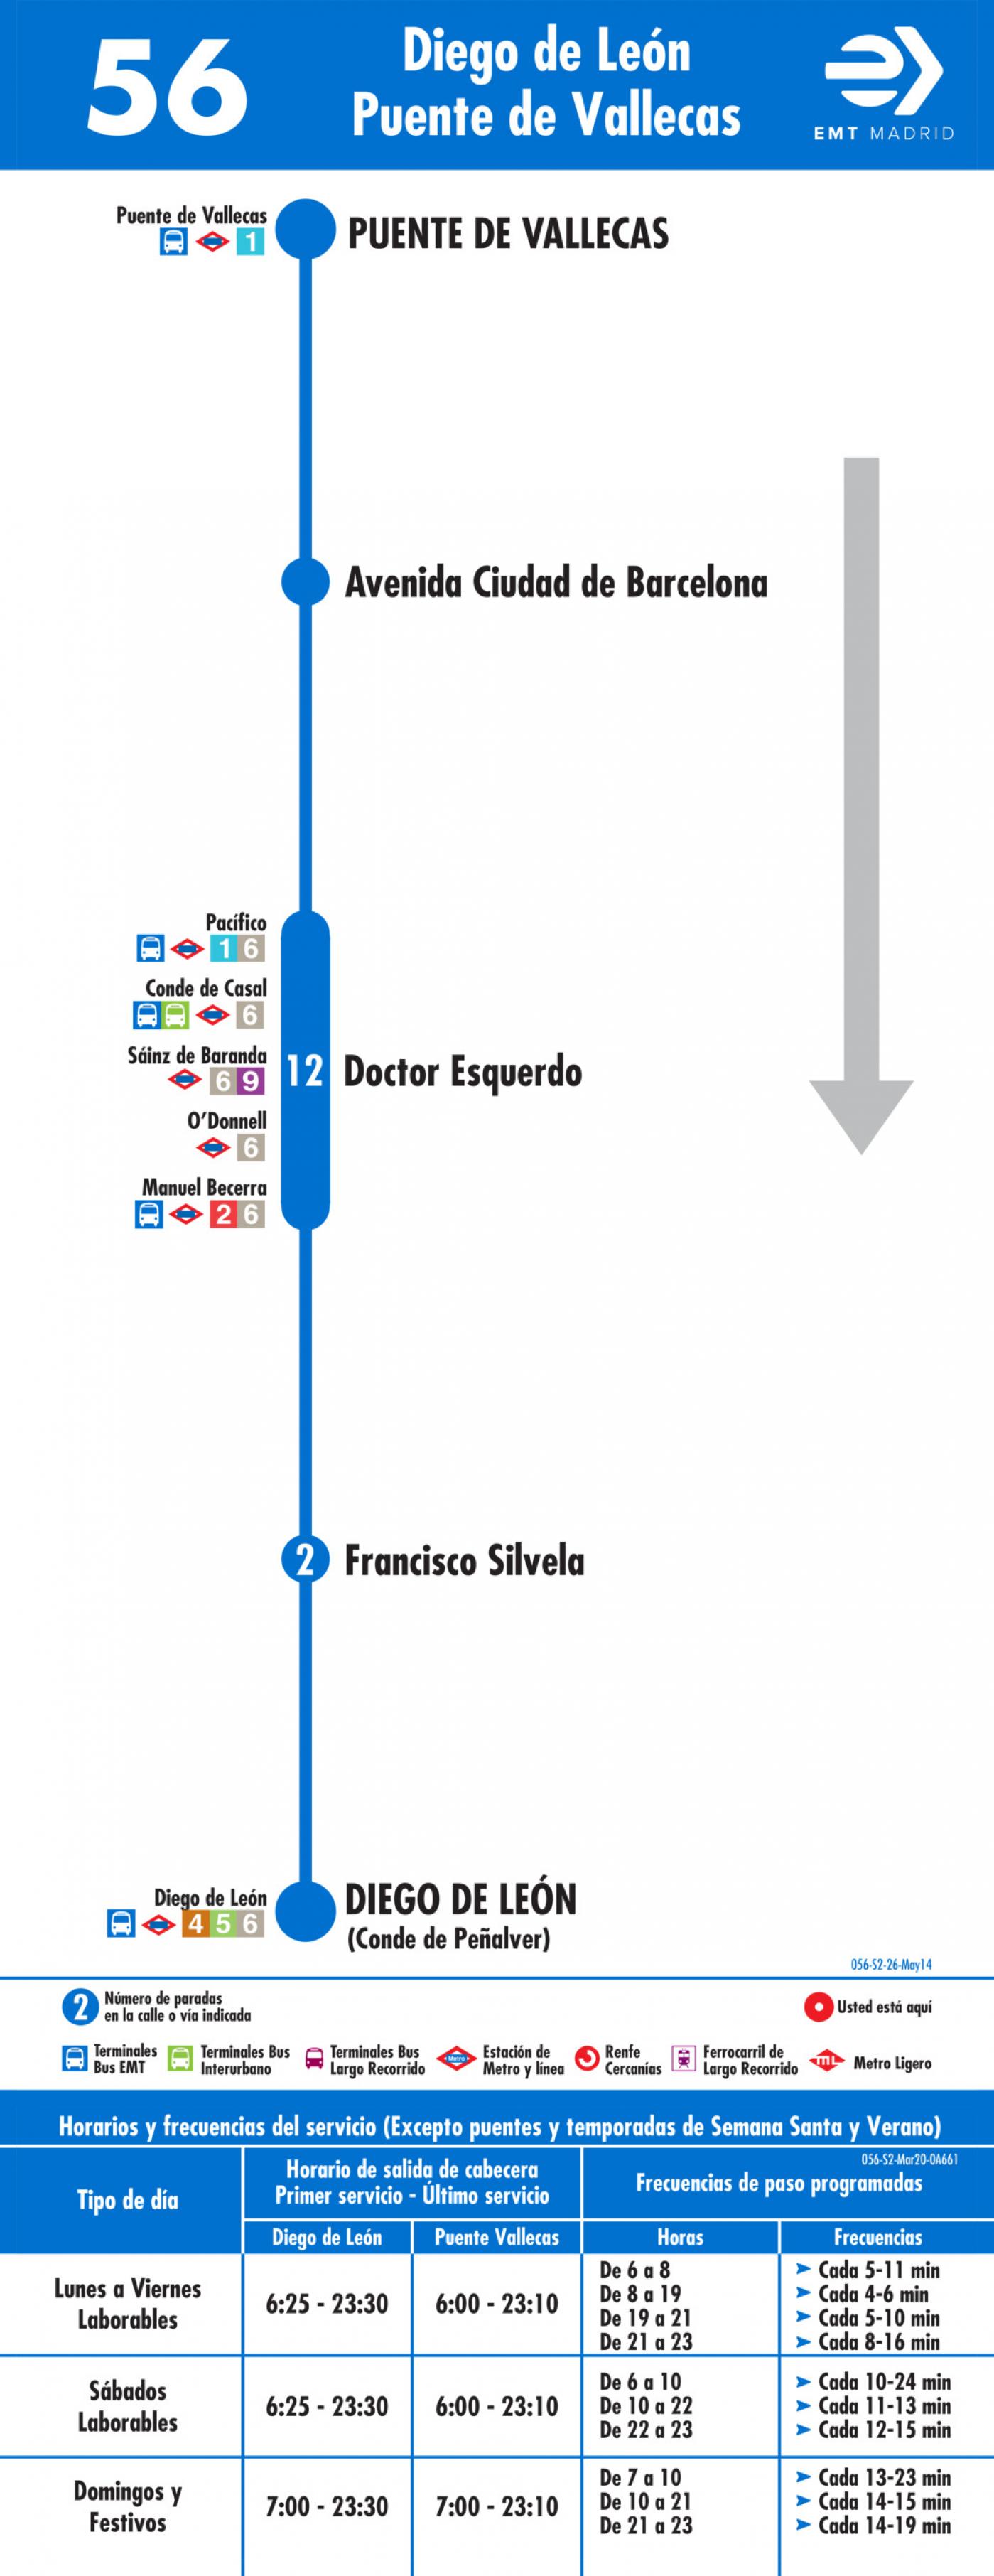 Tabla de horarios y frecuencias de paso en sentido vuelta Línea 56: Diego de León - Puente de Vallecas